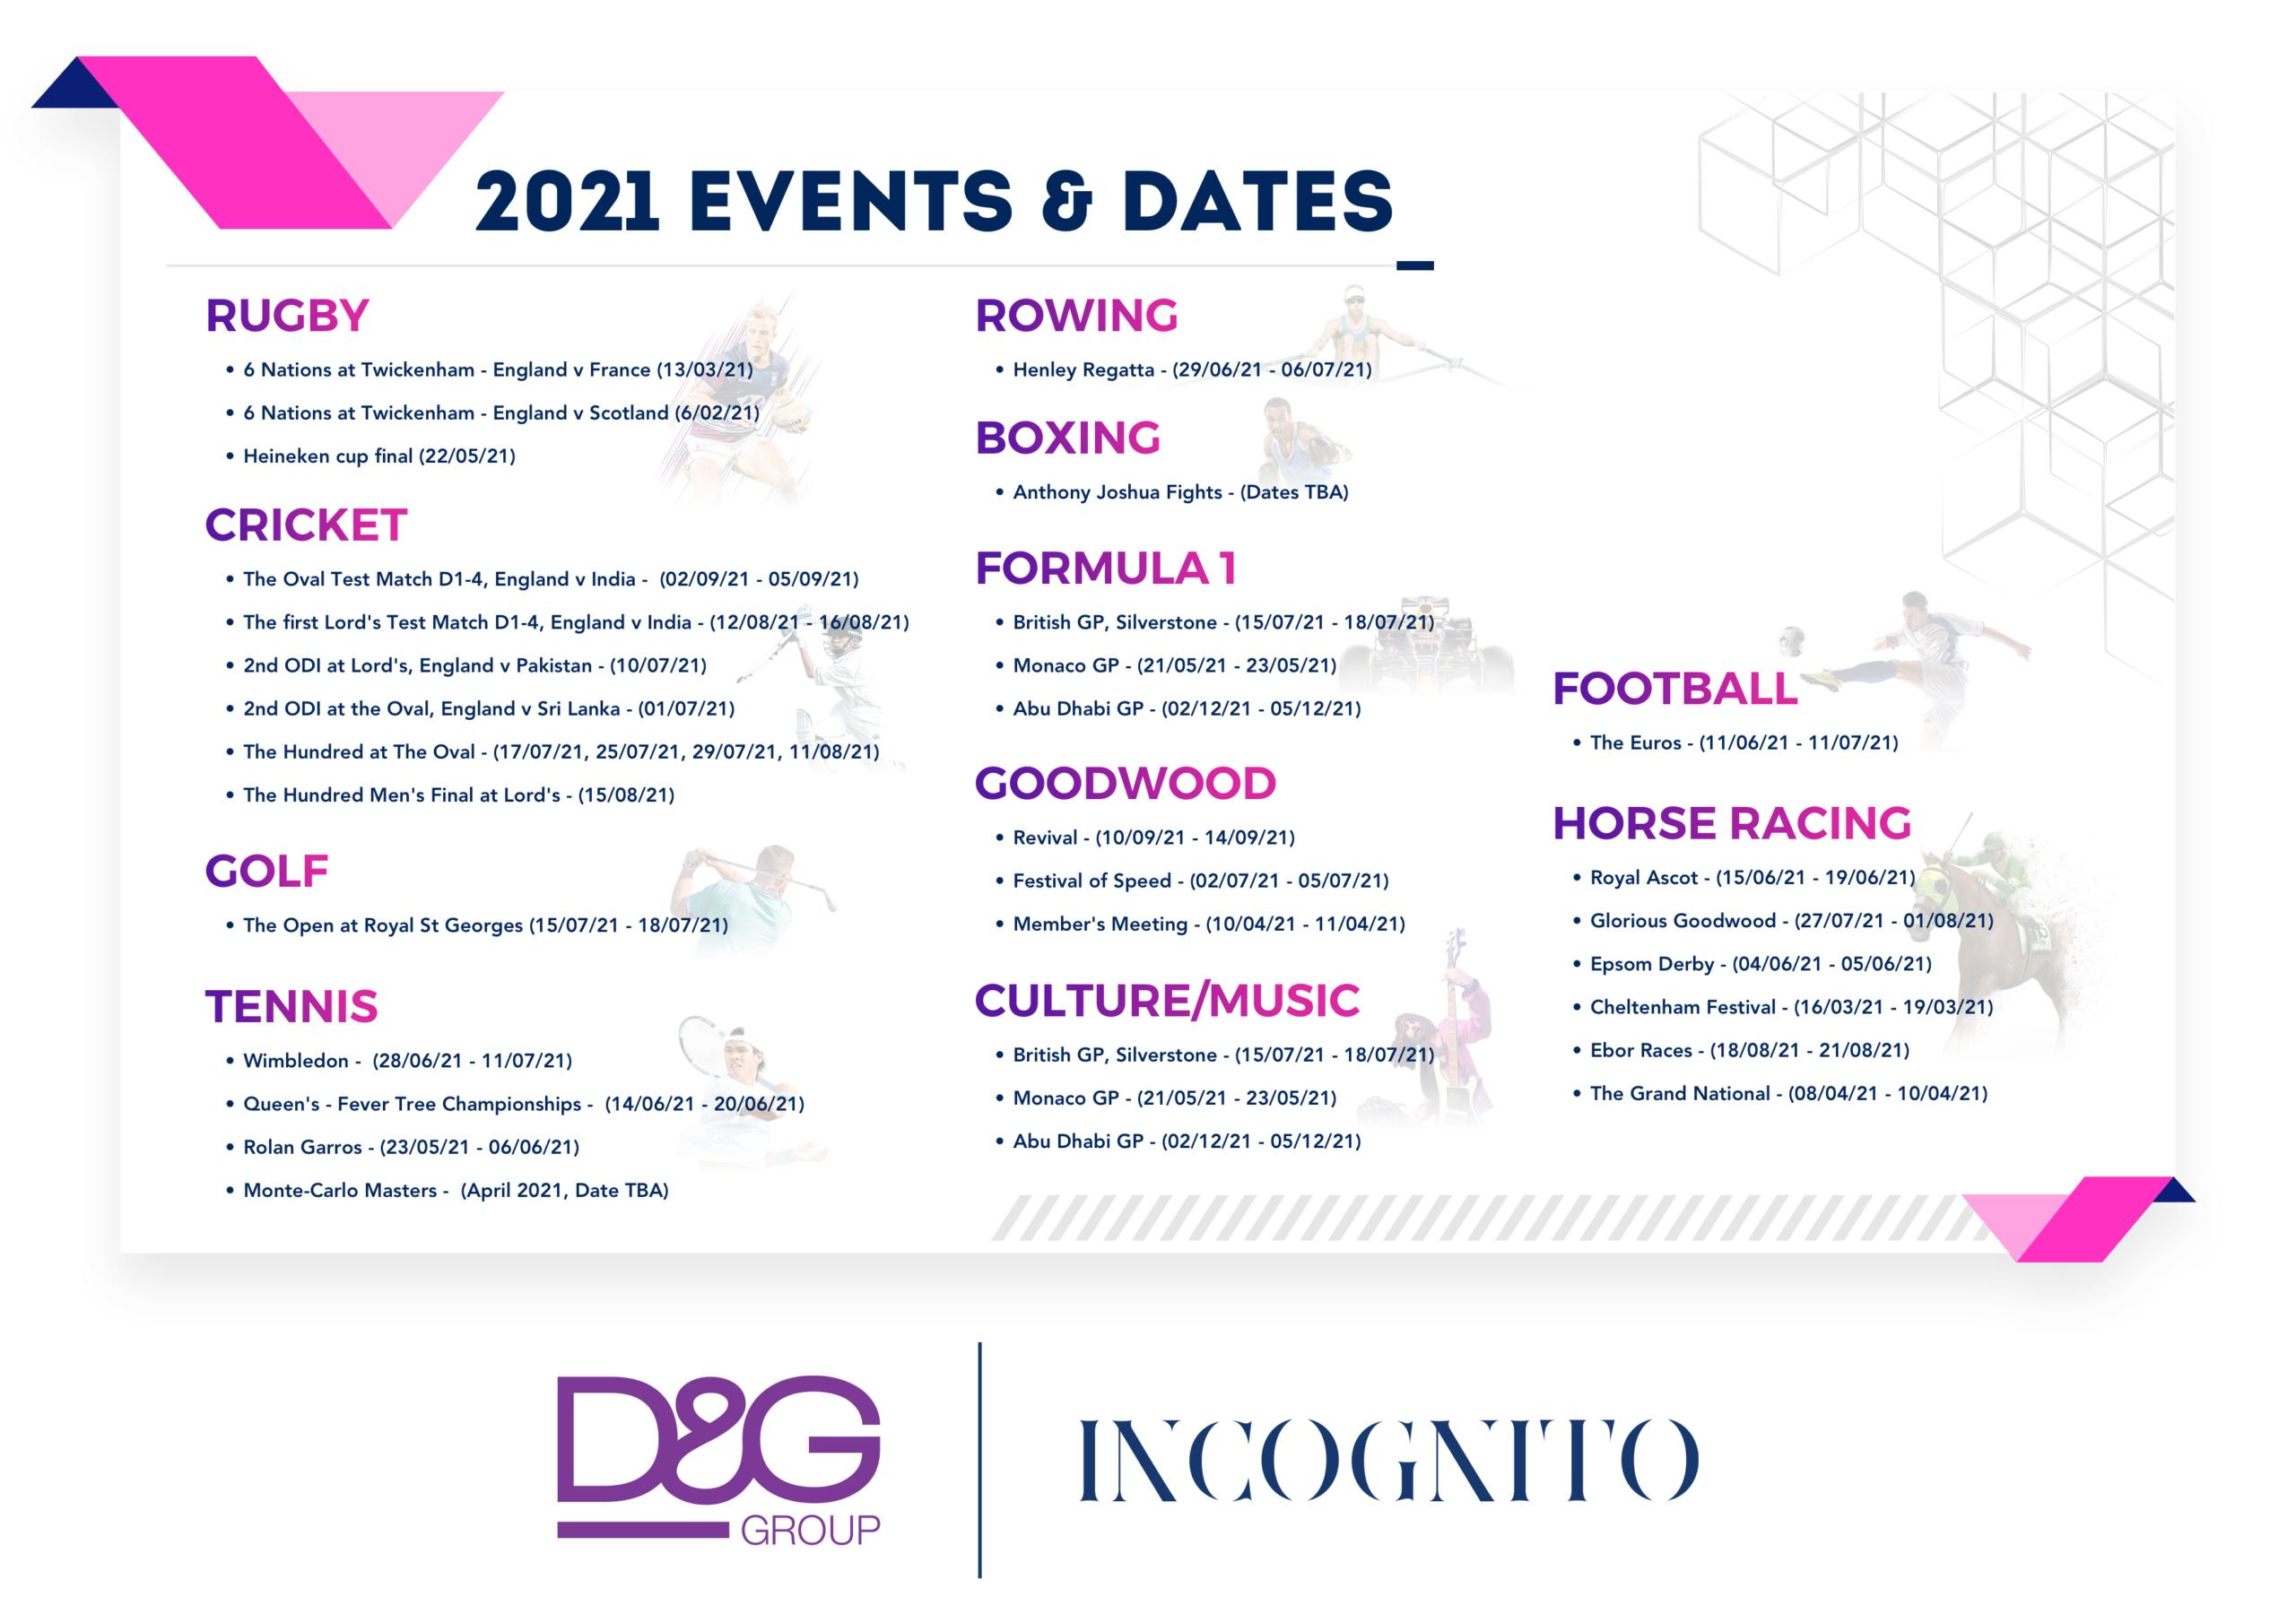 DG Events 2021